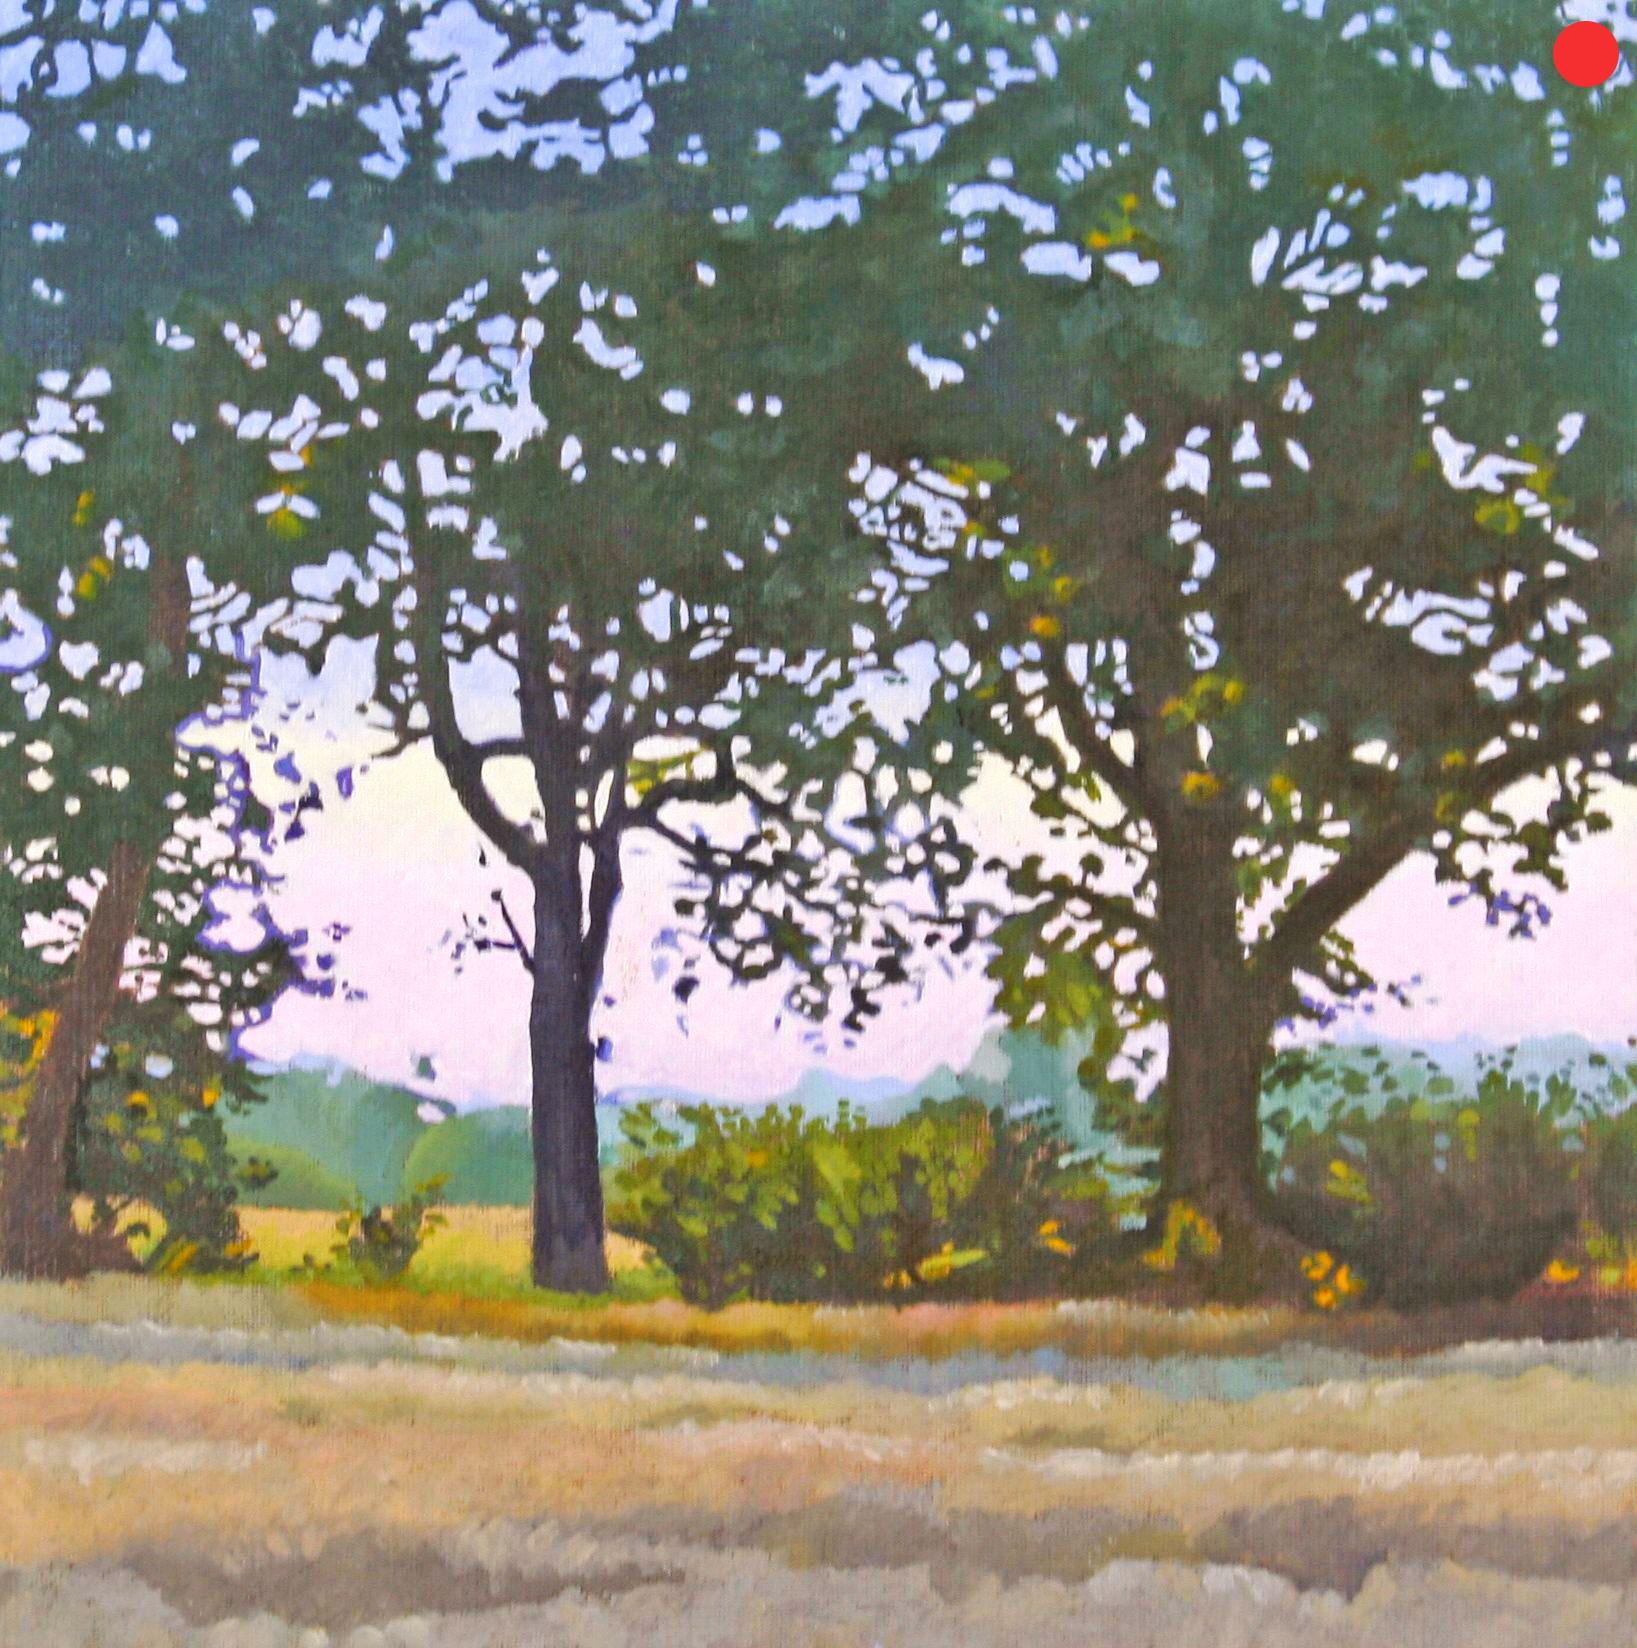 Abend in der Probstei, Oil on Canvas, 40 x 40 cm